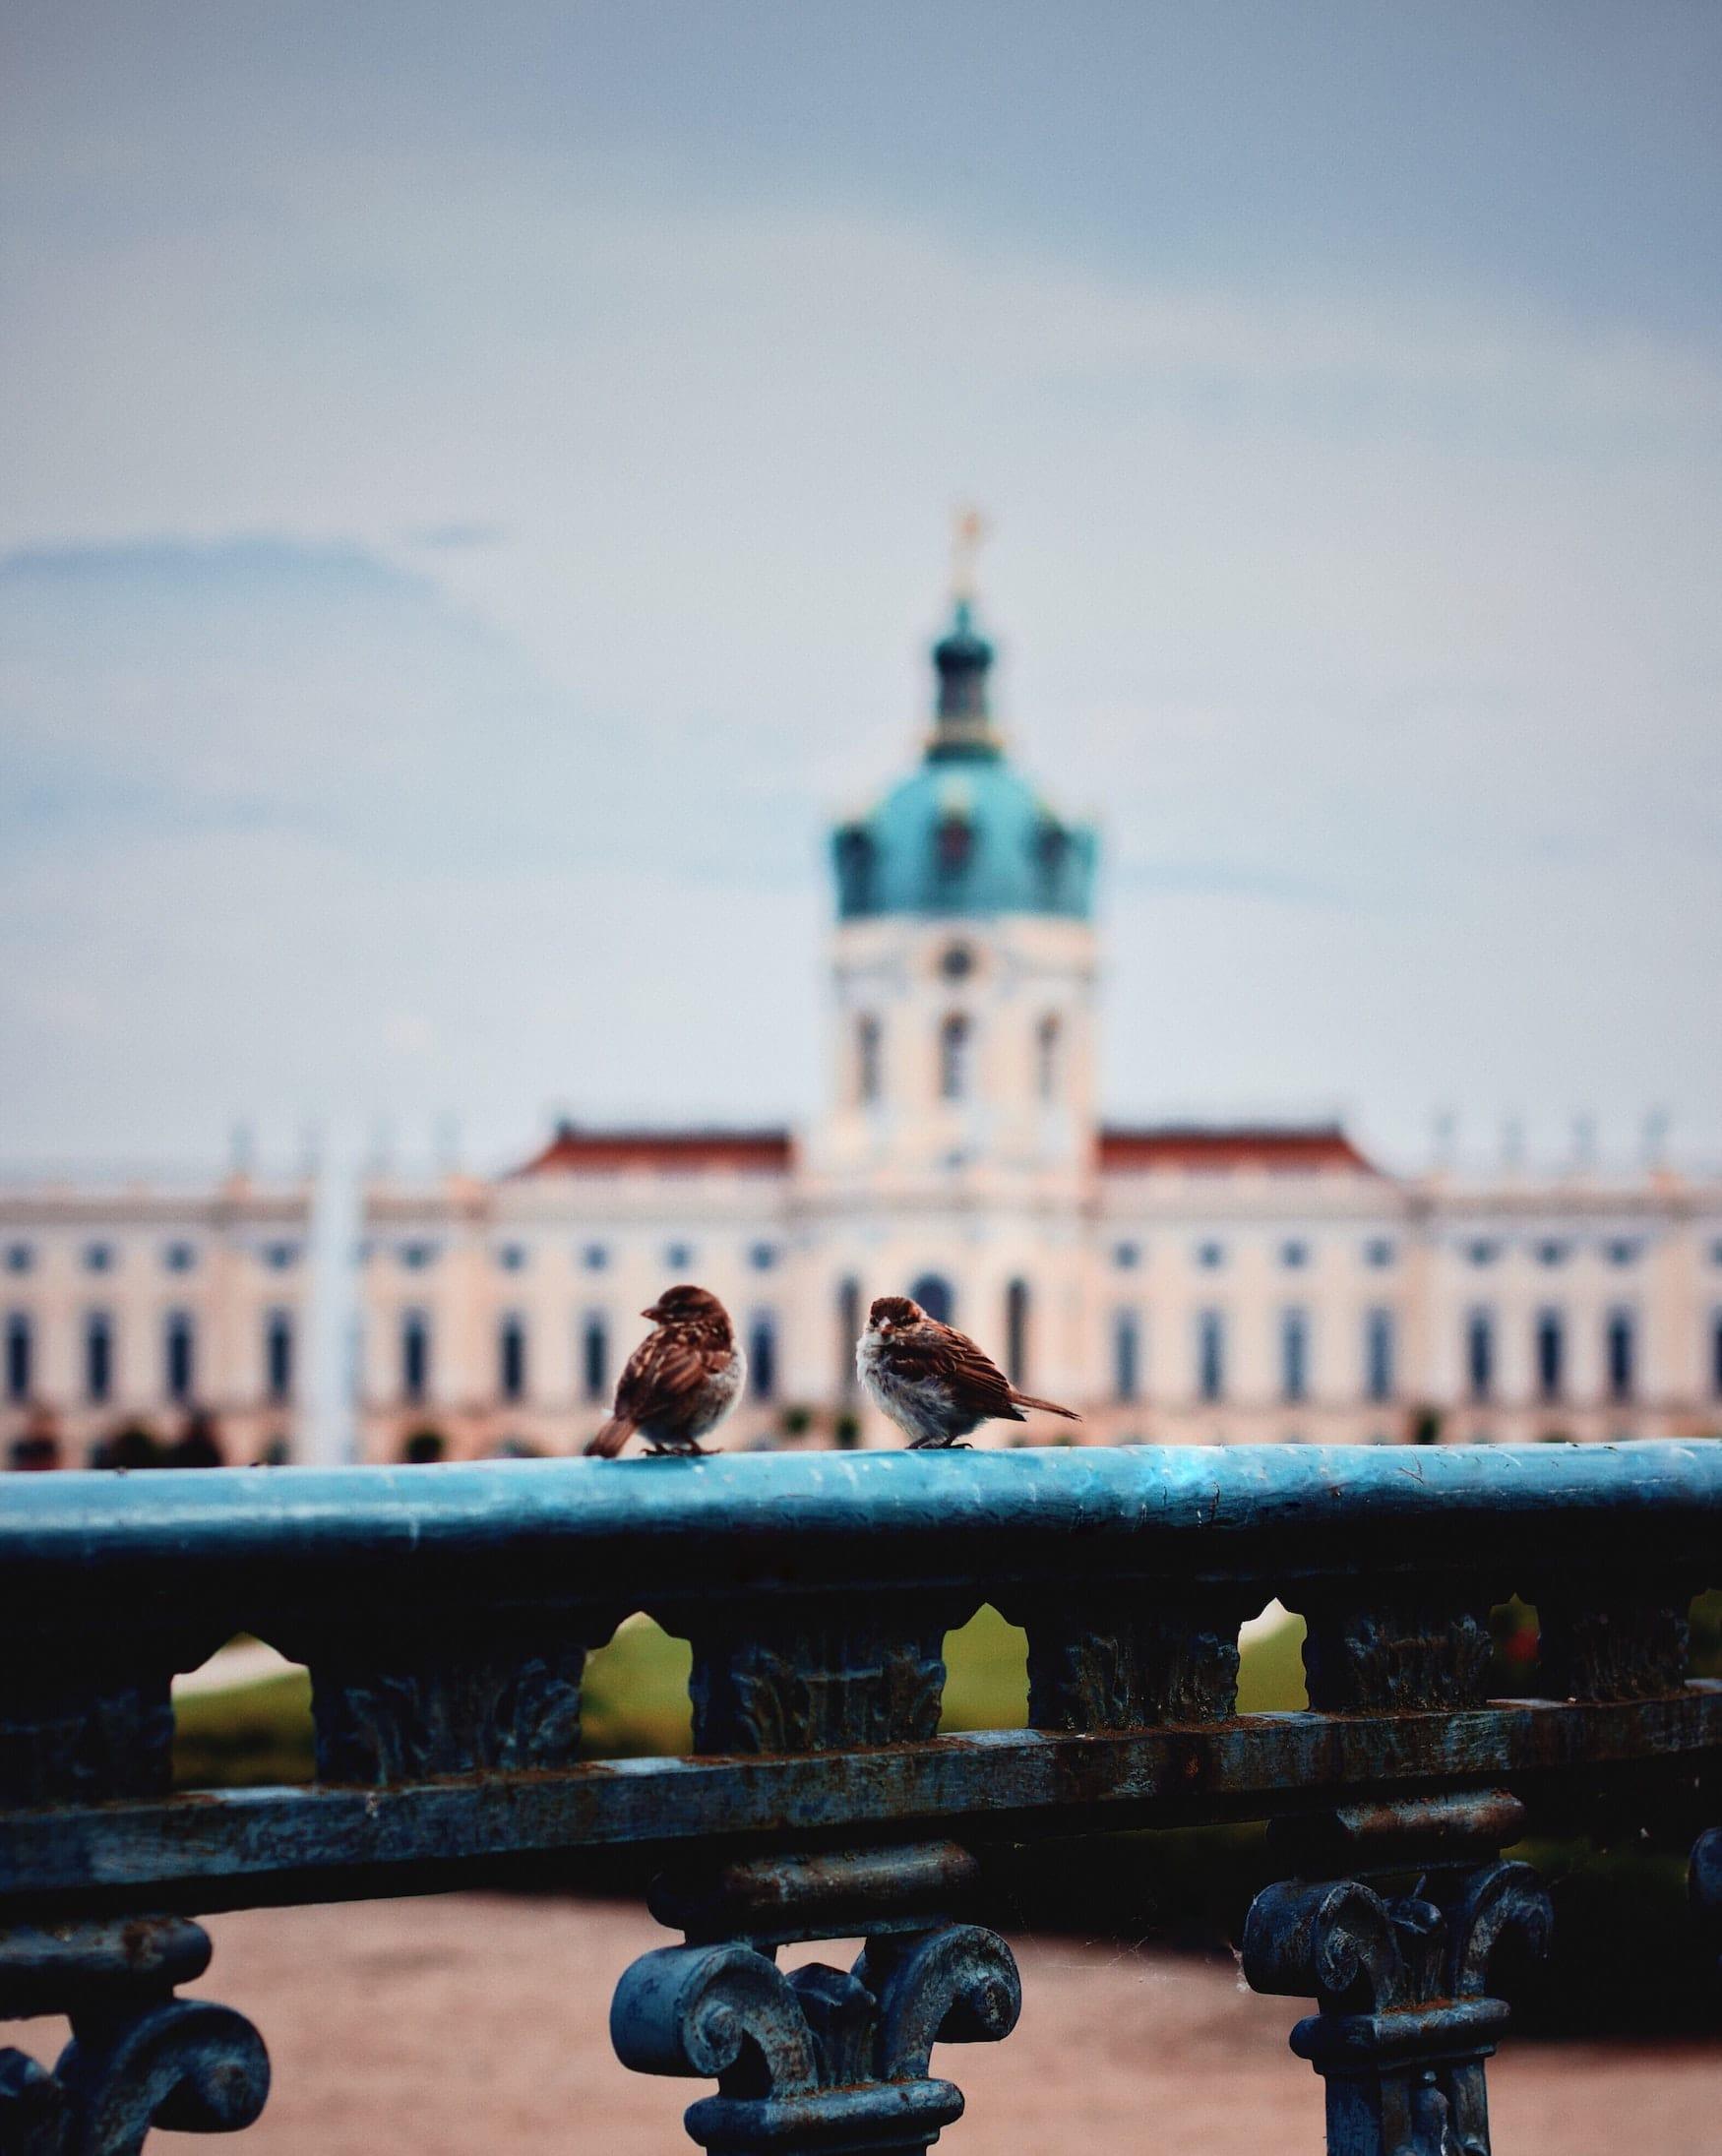 Zwei Vögel vor Schloss im Schlosspark Charlottenburg in Berlin